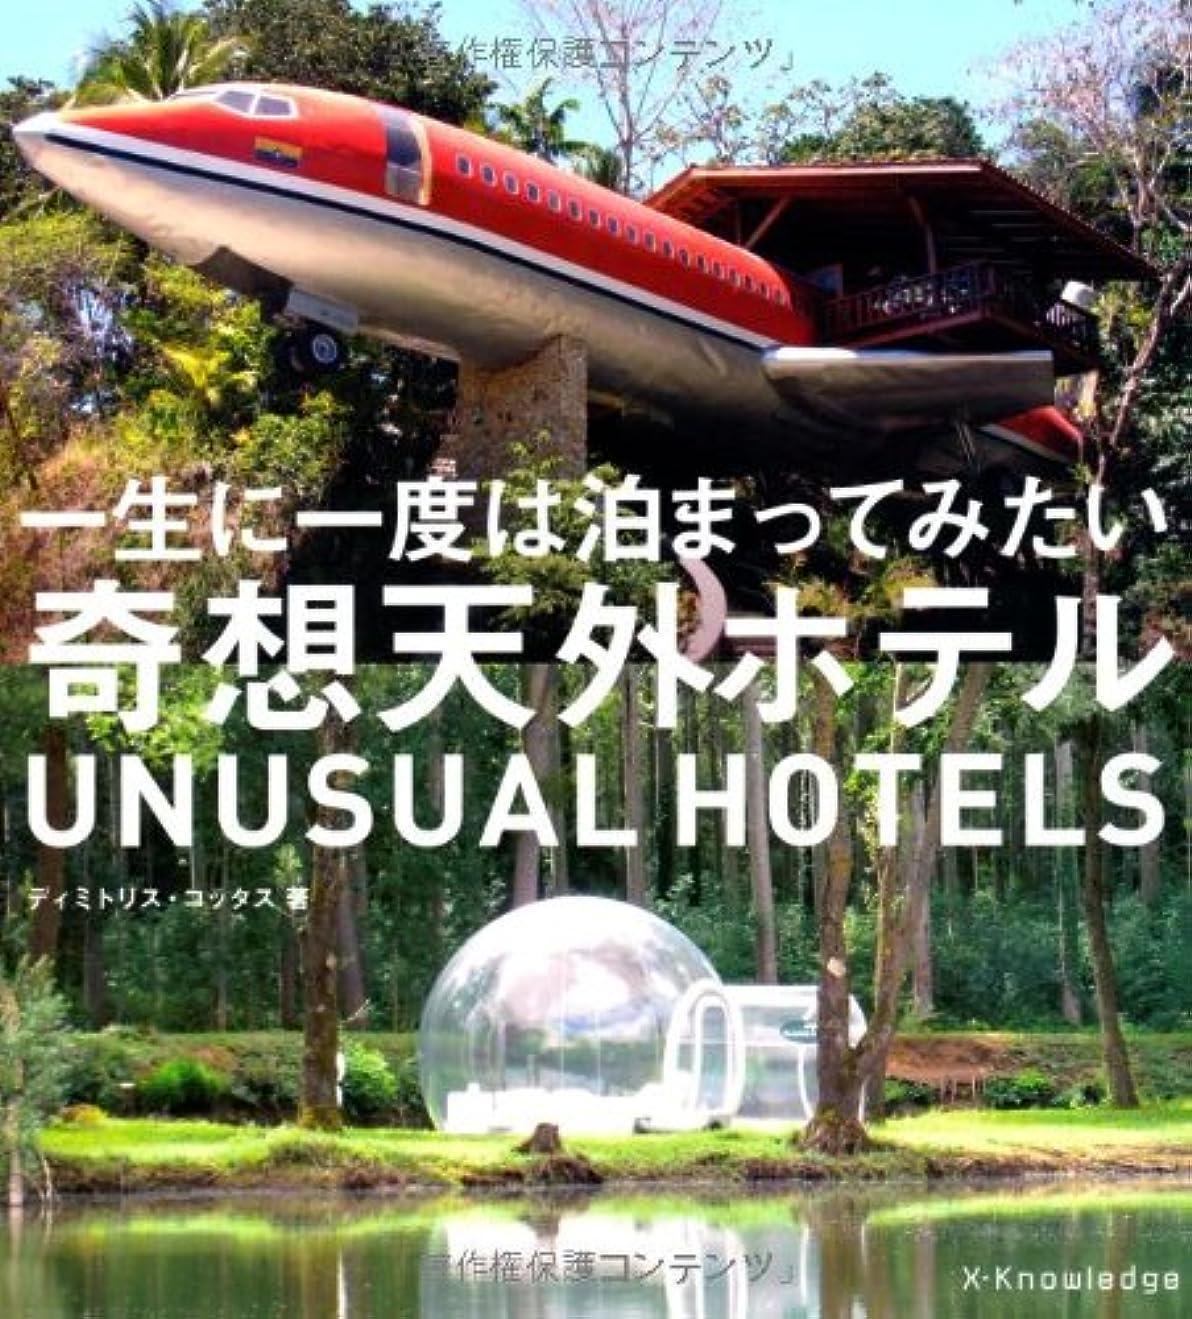 毎年車両決定一生に一度は泊ってみたい奇想天外ホテル